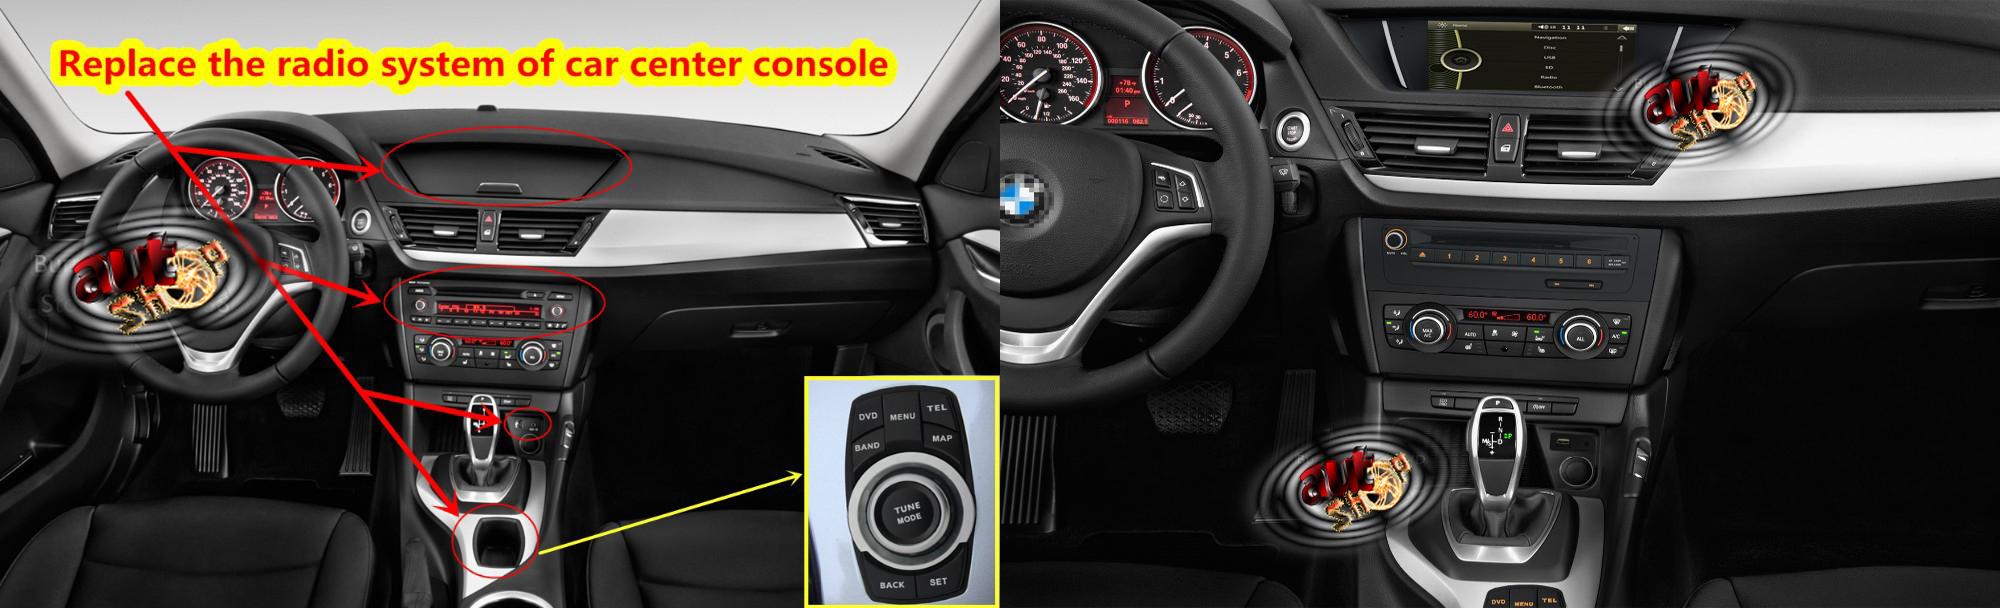 navigatie bmw x1 caraudiomarket